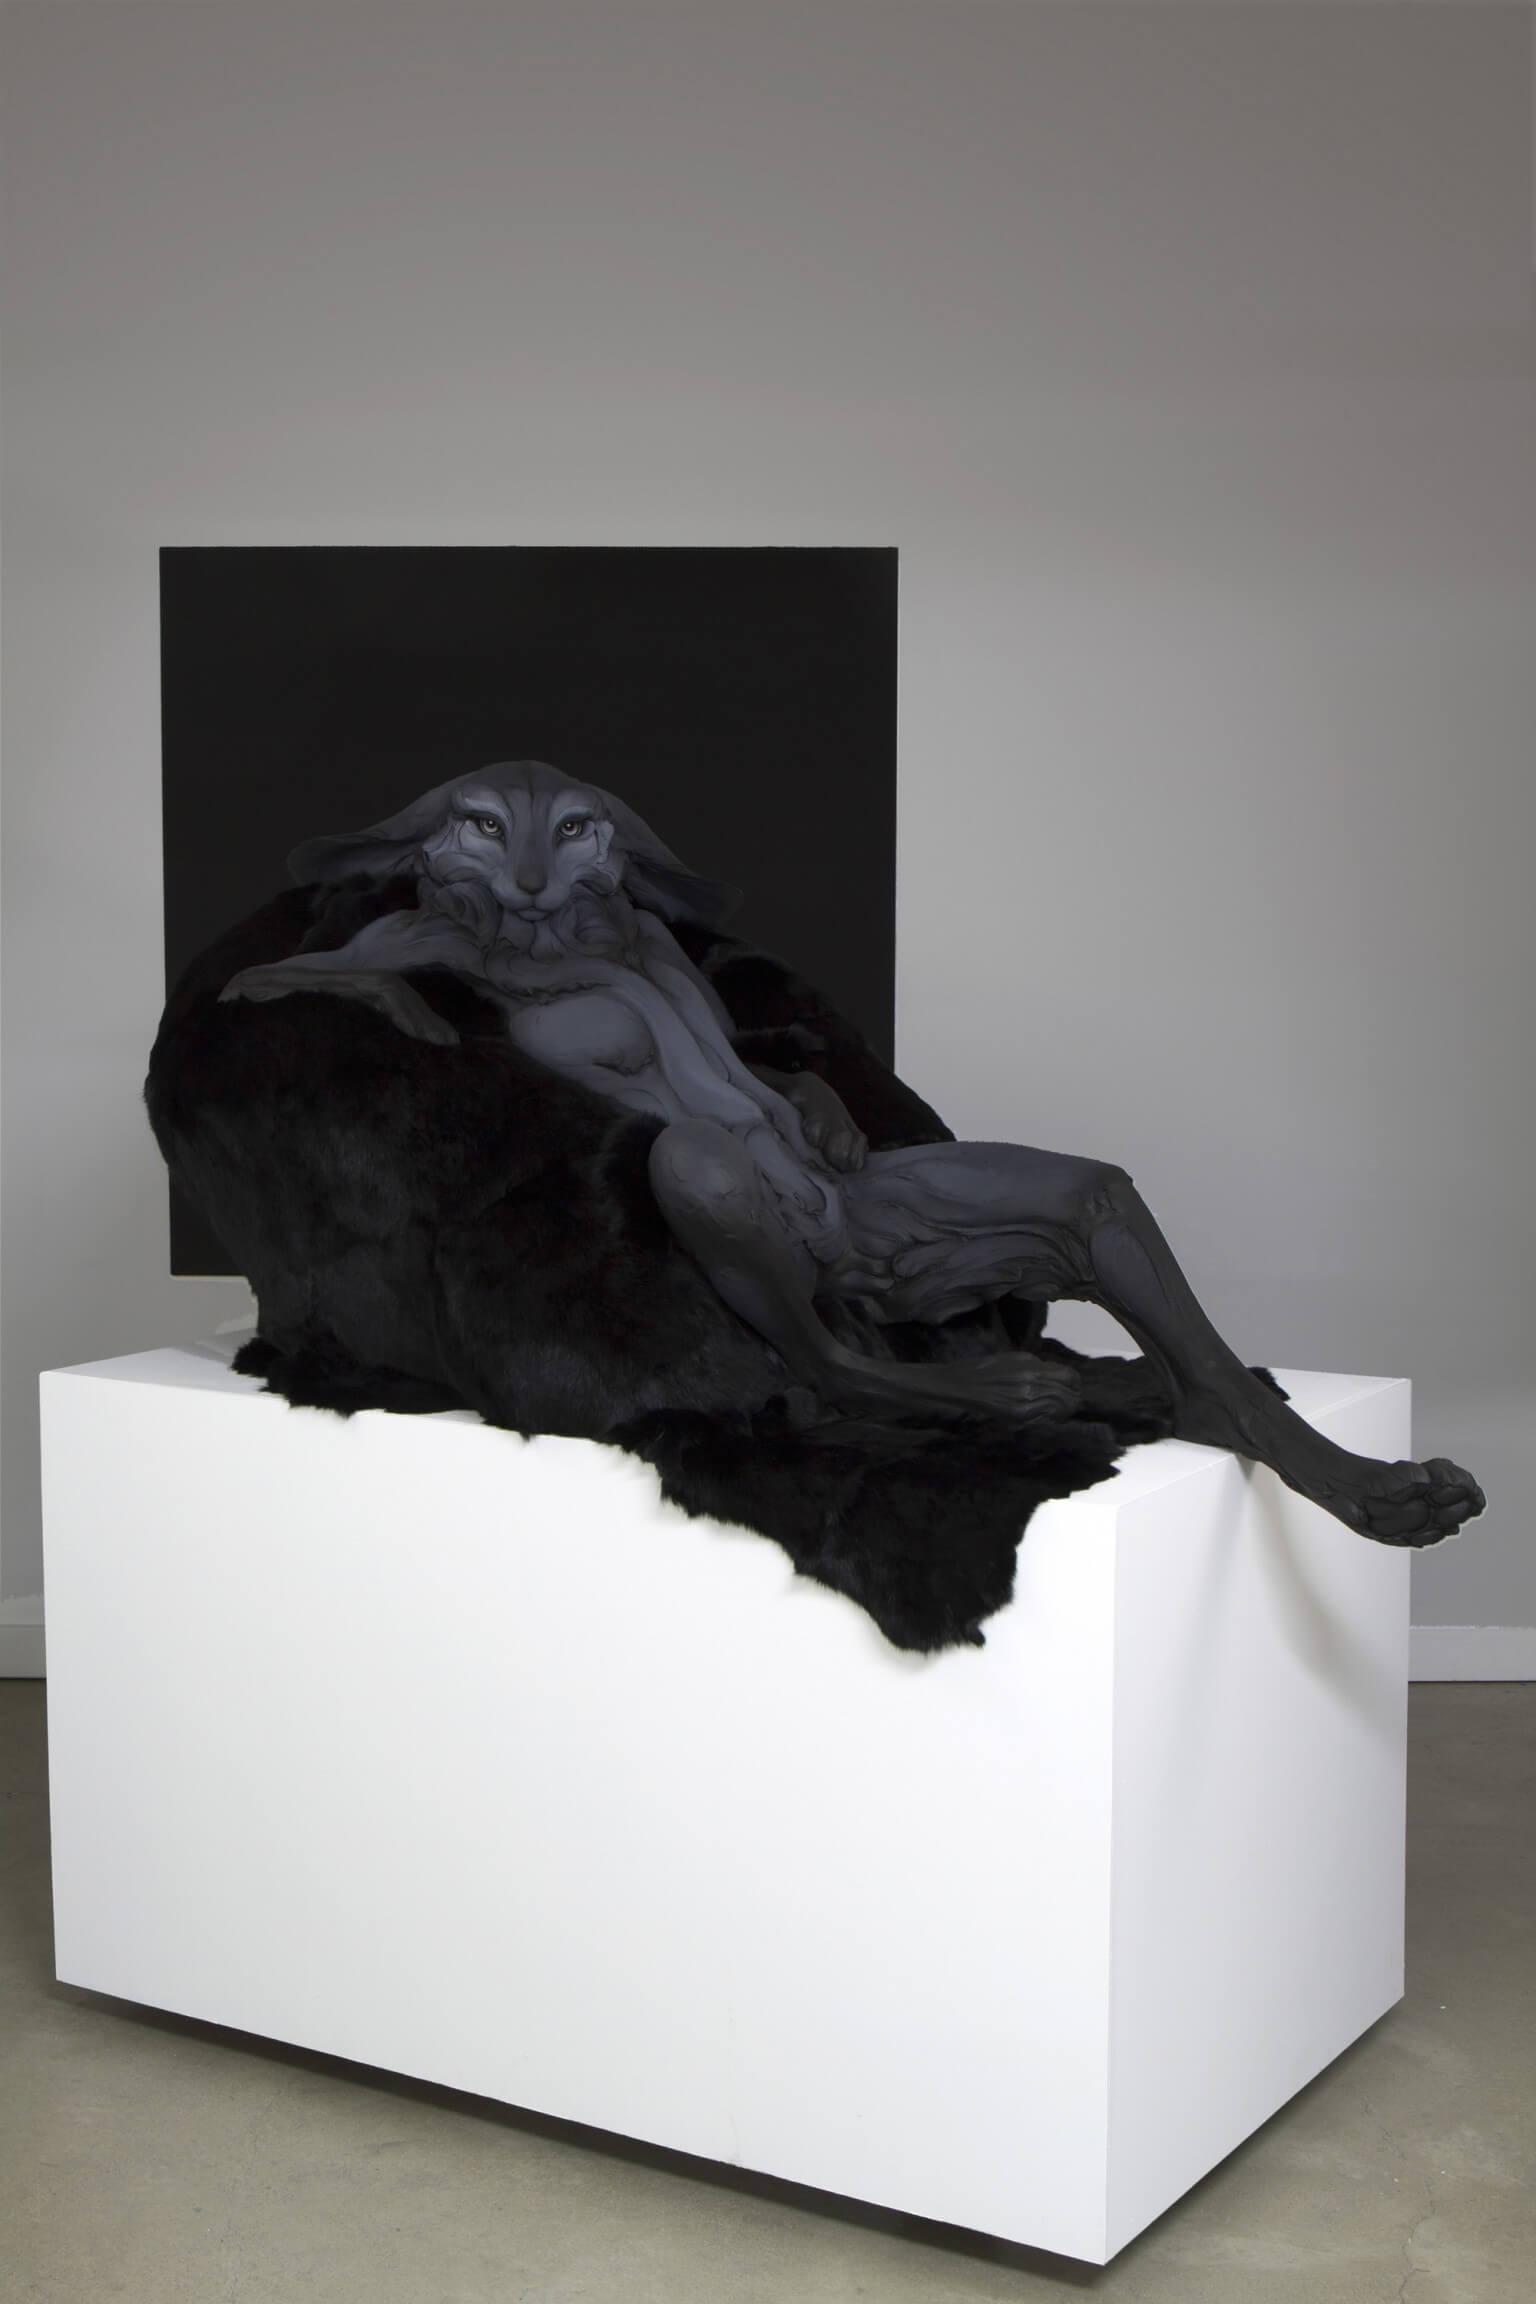 скульптуры животных с человеческими эмоциями, фото 5